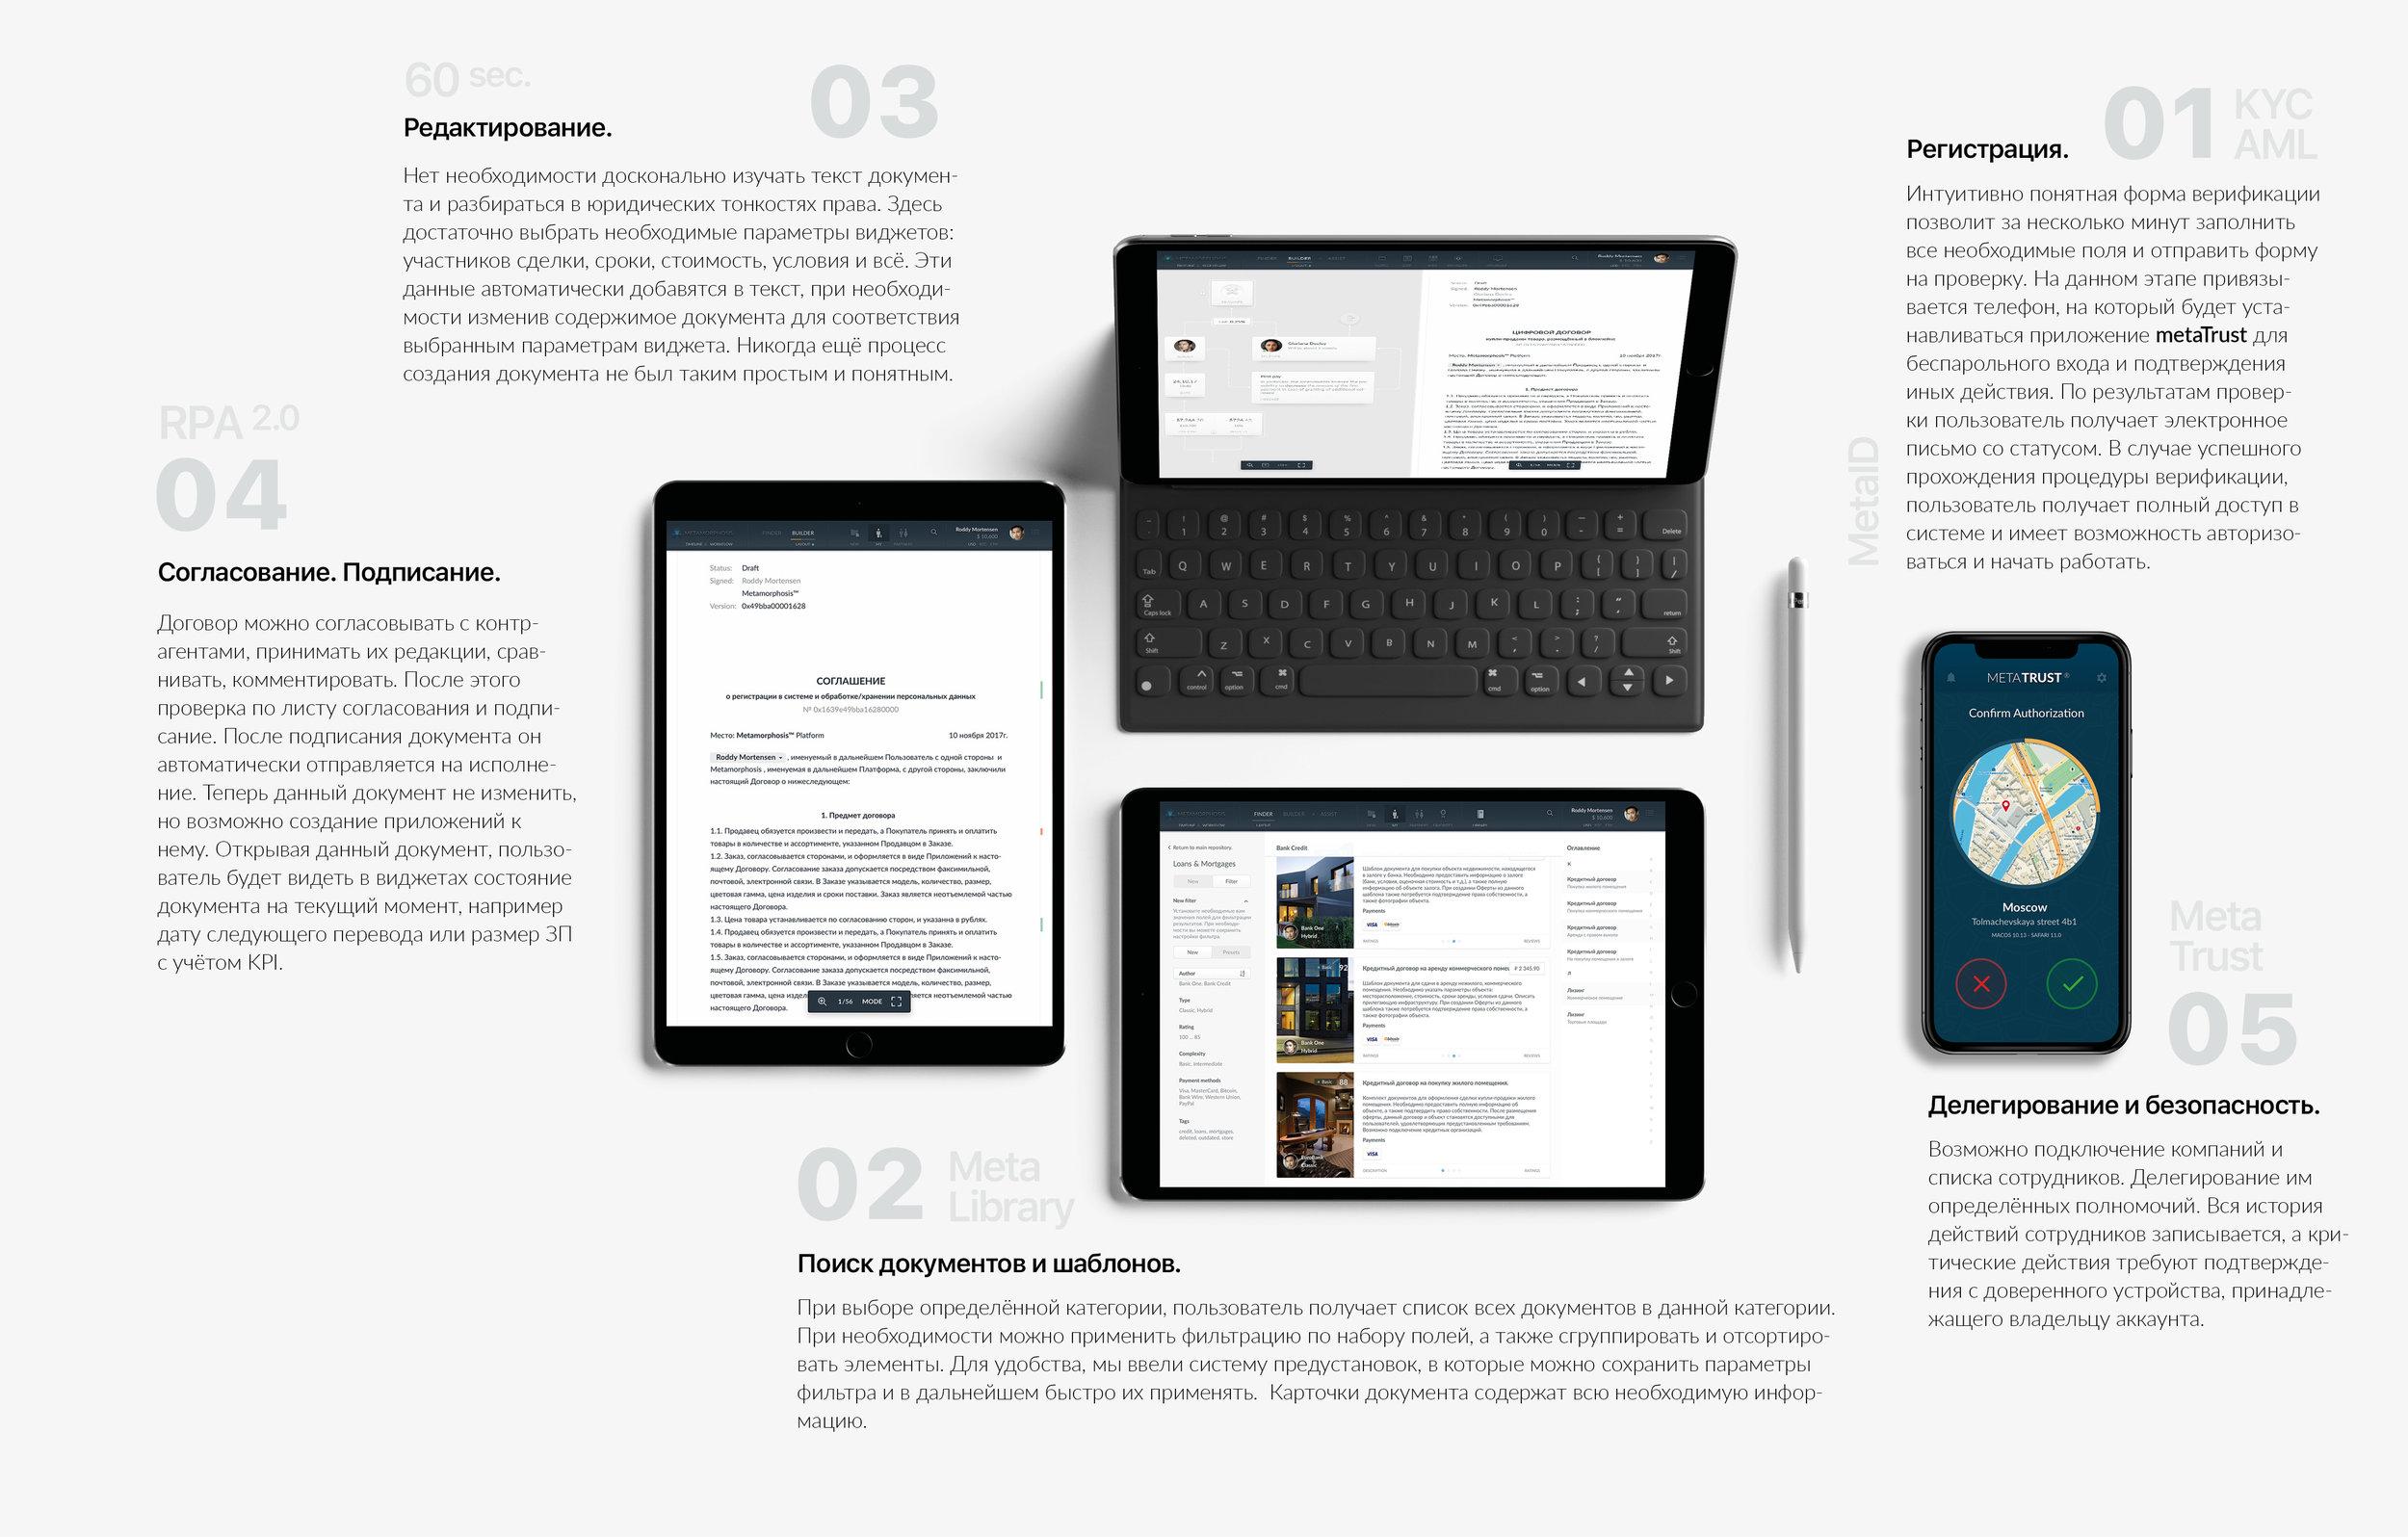 MetaSuite  - вид рабочих экранов приложений Metamorphosis и MetaTrust.